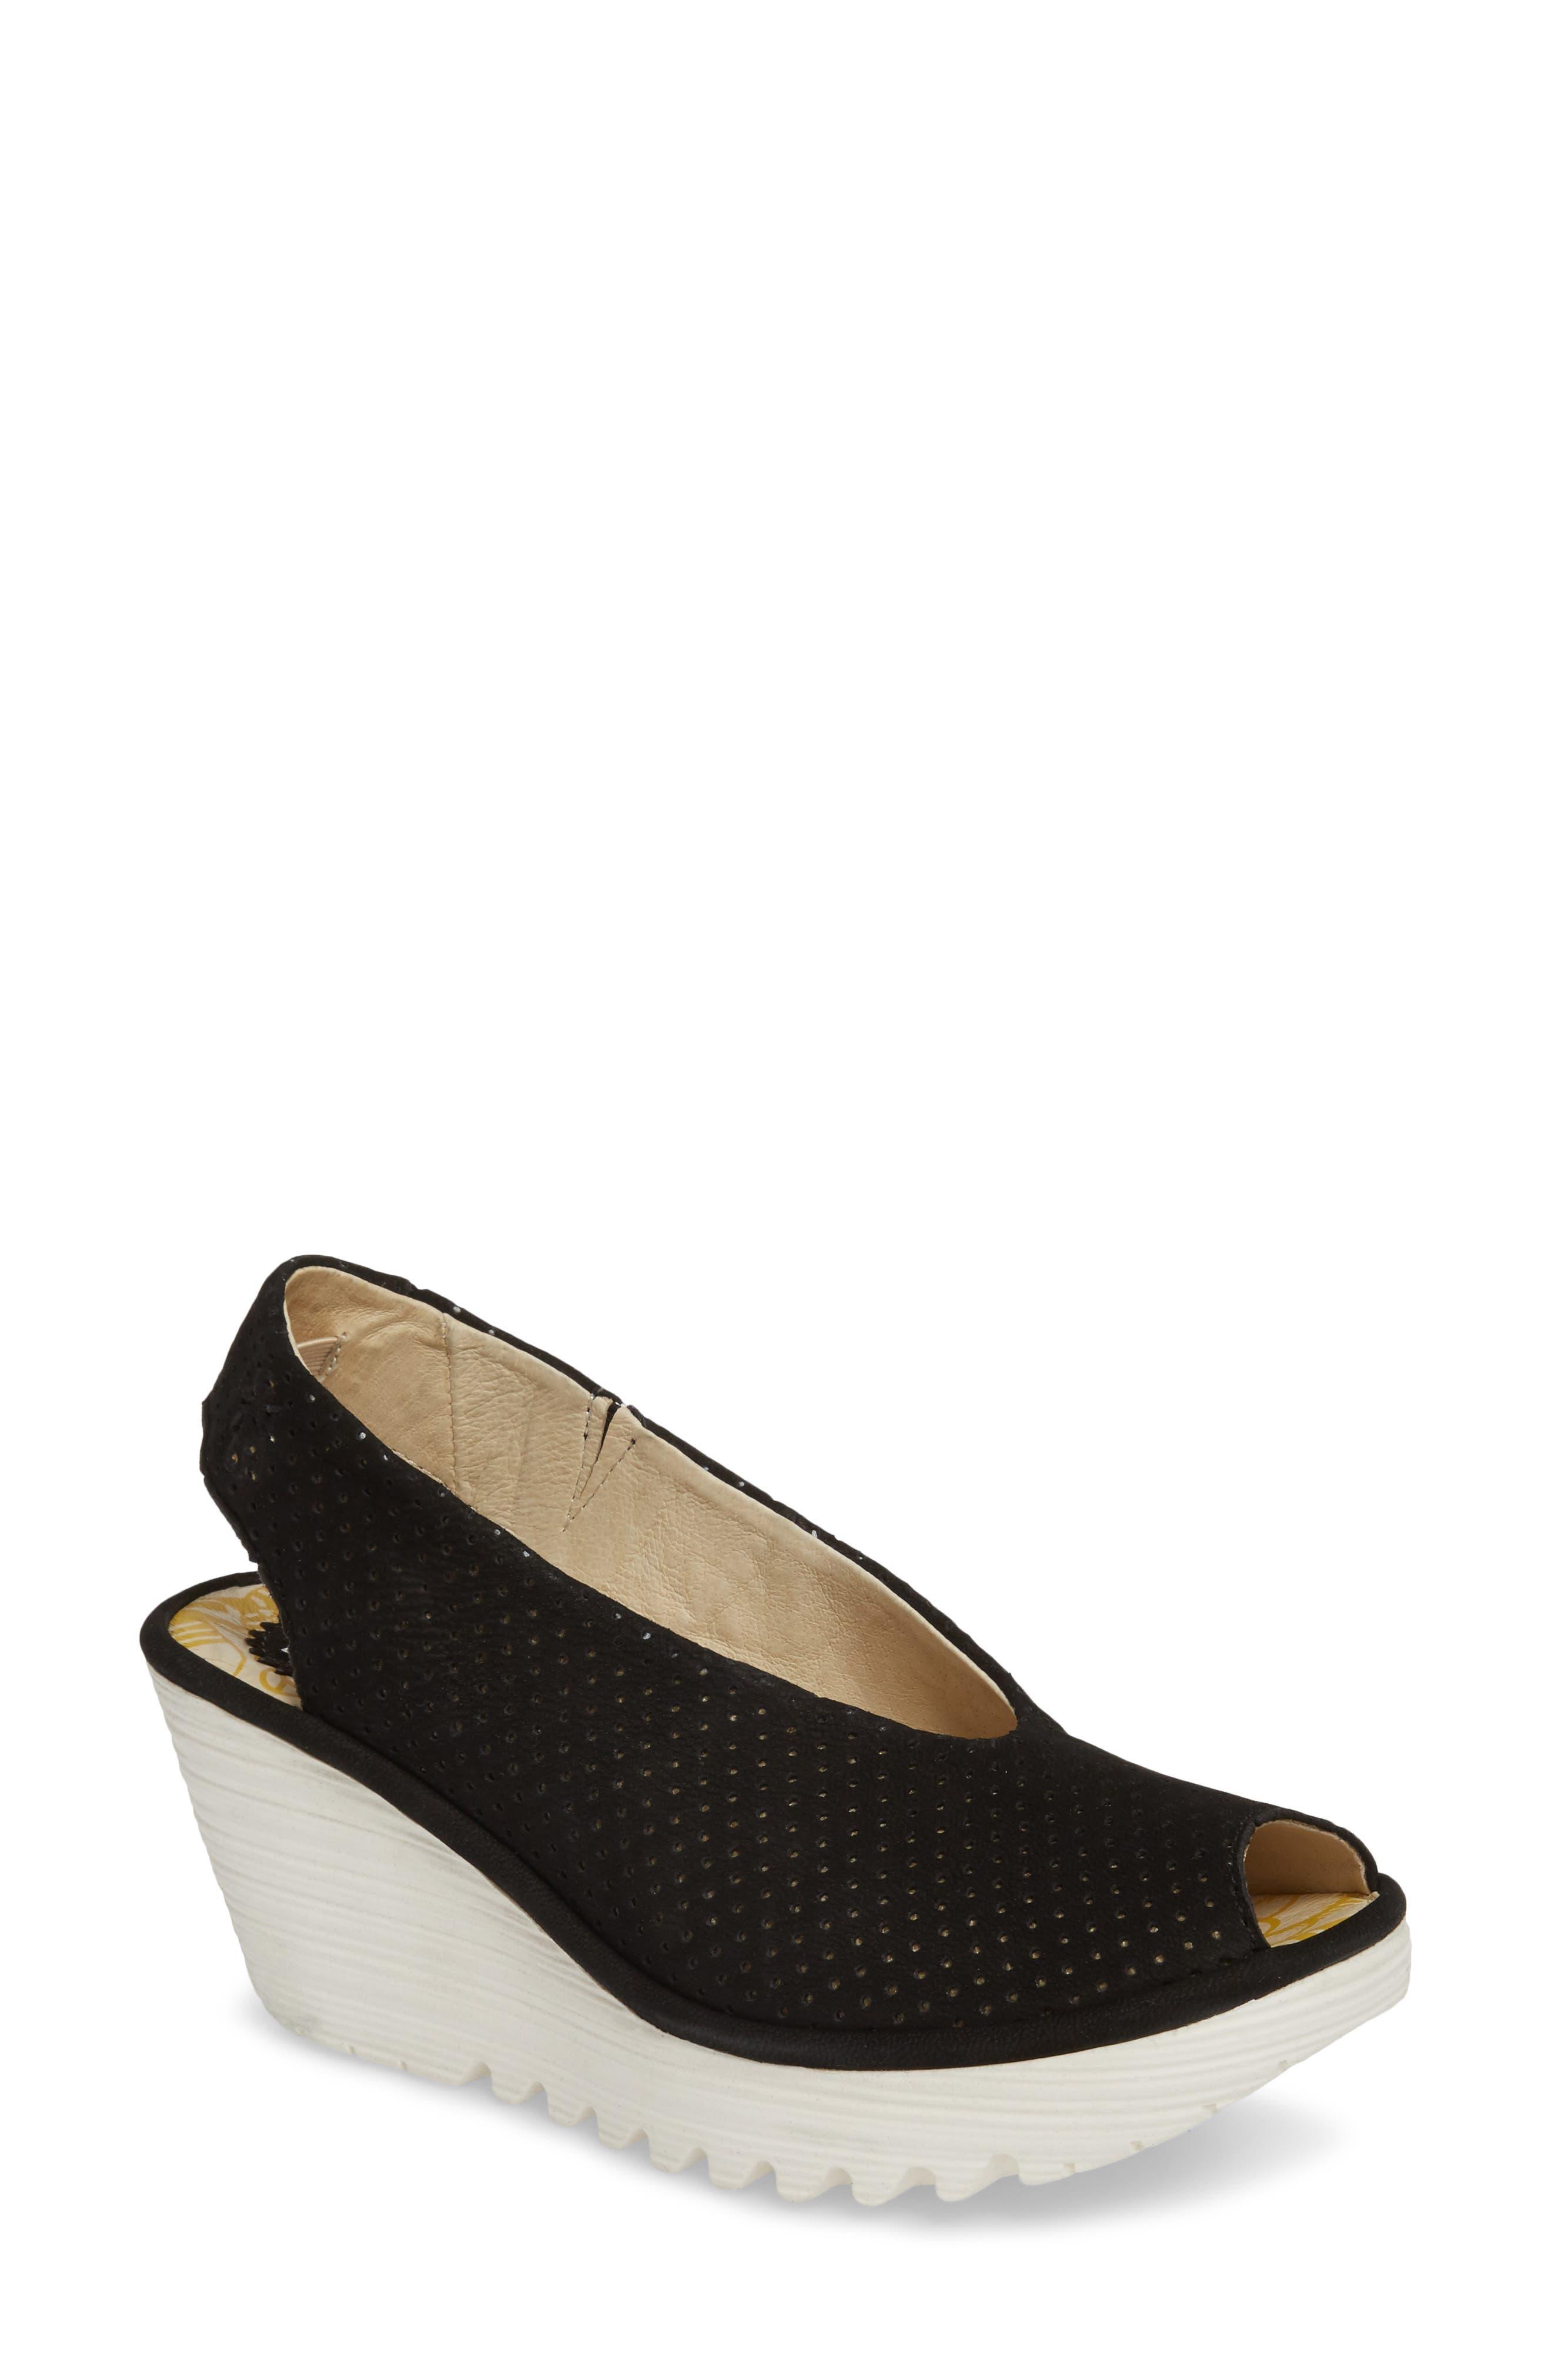 Yazu Wedge Sandal,                         Main,                         color, BLACK/ BLACK LEATHER